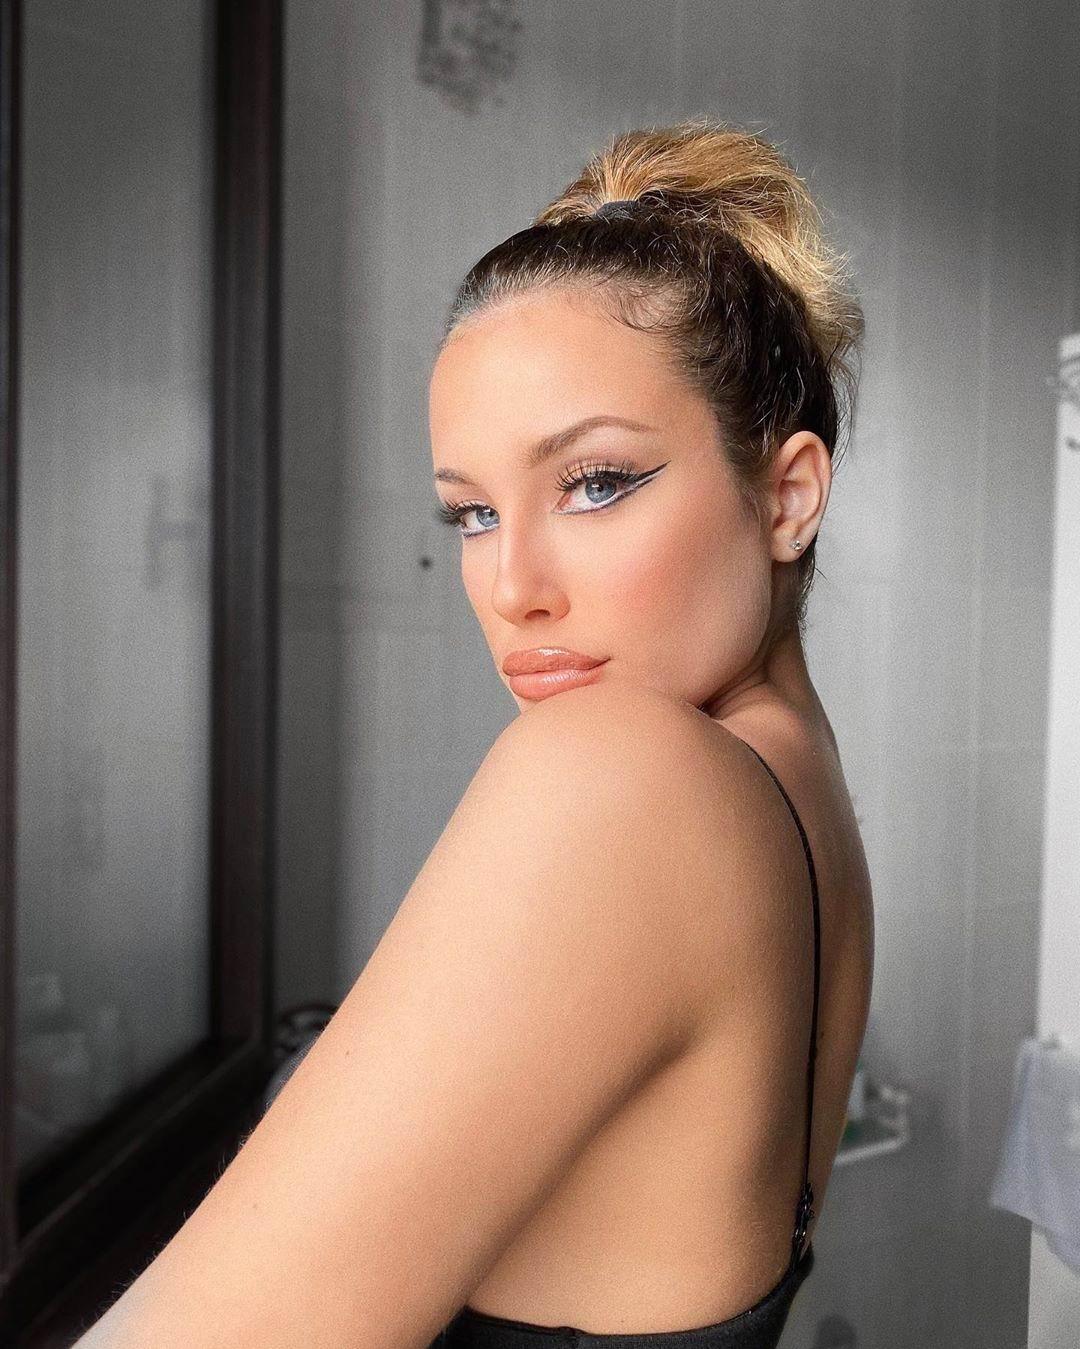 Model Shelley